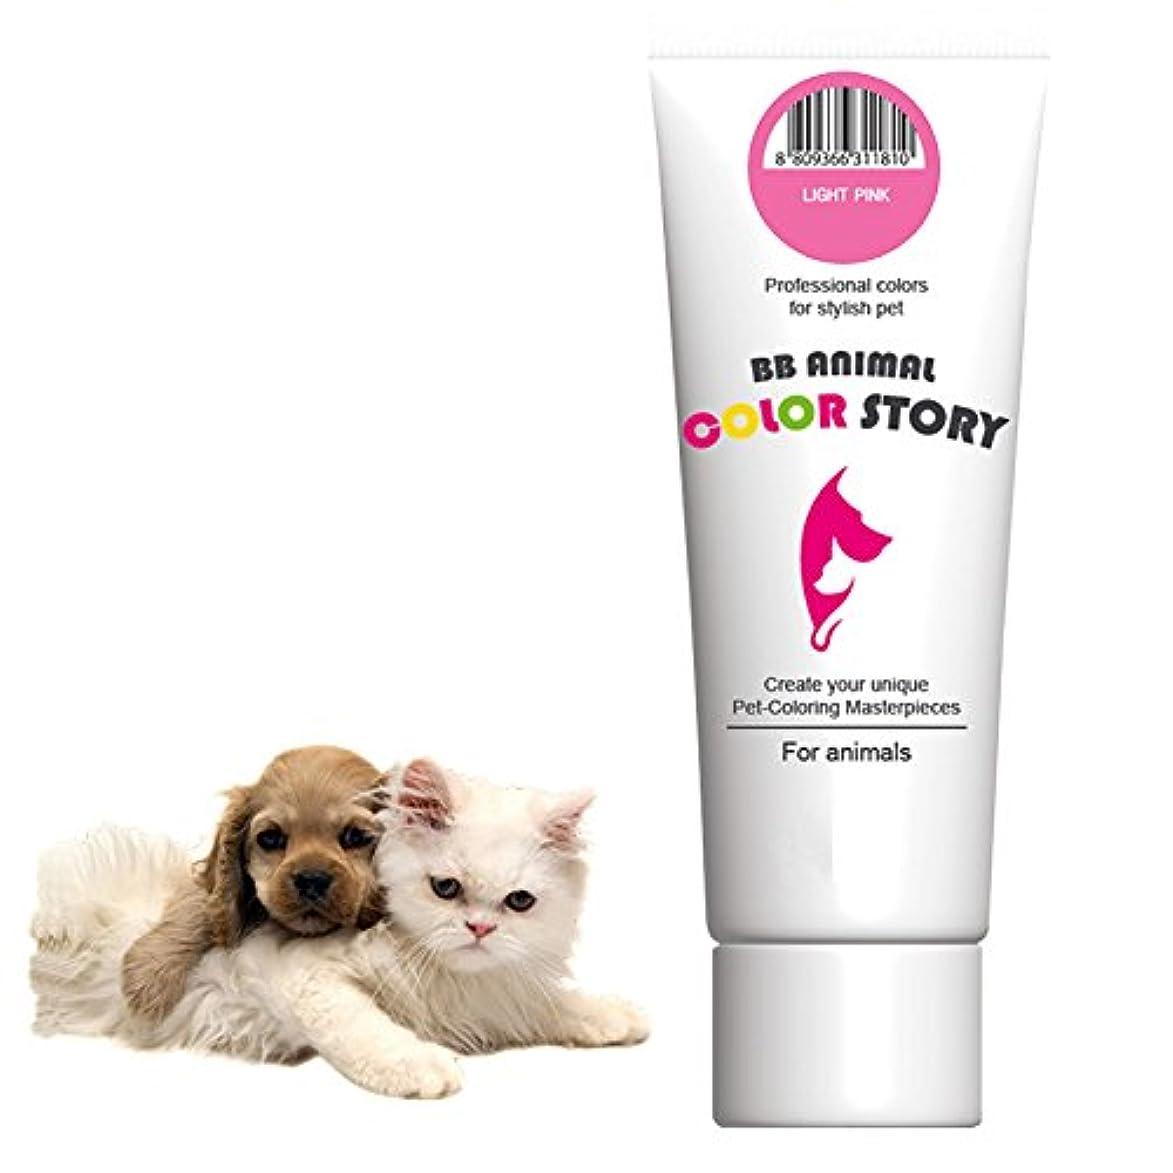 時々ロゴ光の毛染め, 犬ヘアダイ, Light Pink, カラーリング Dog Hair Dye Hair Coloring Hair Bleach Professional Colors for Stylish Pet 50ml 並行輸入